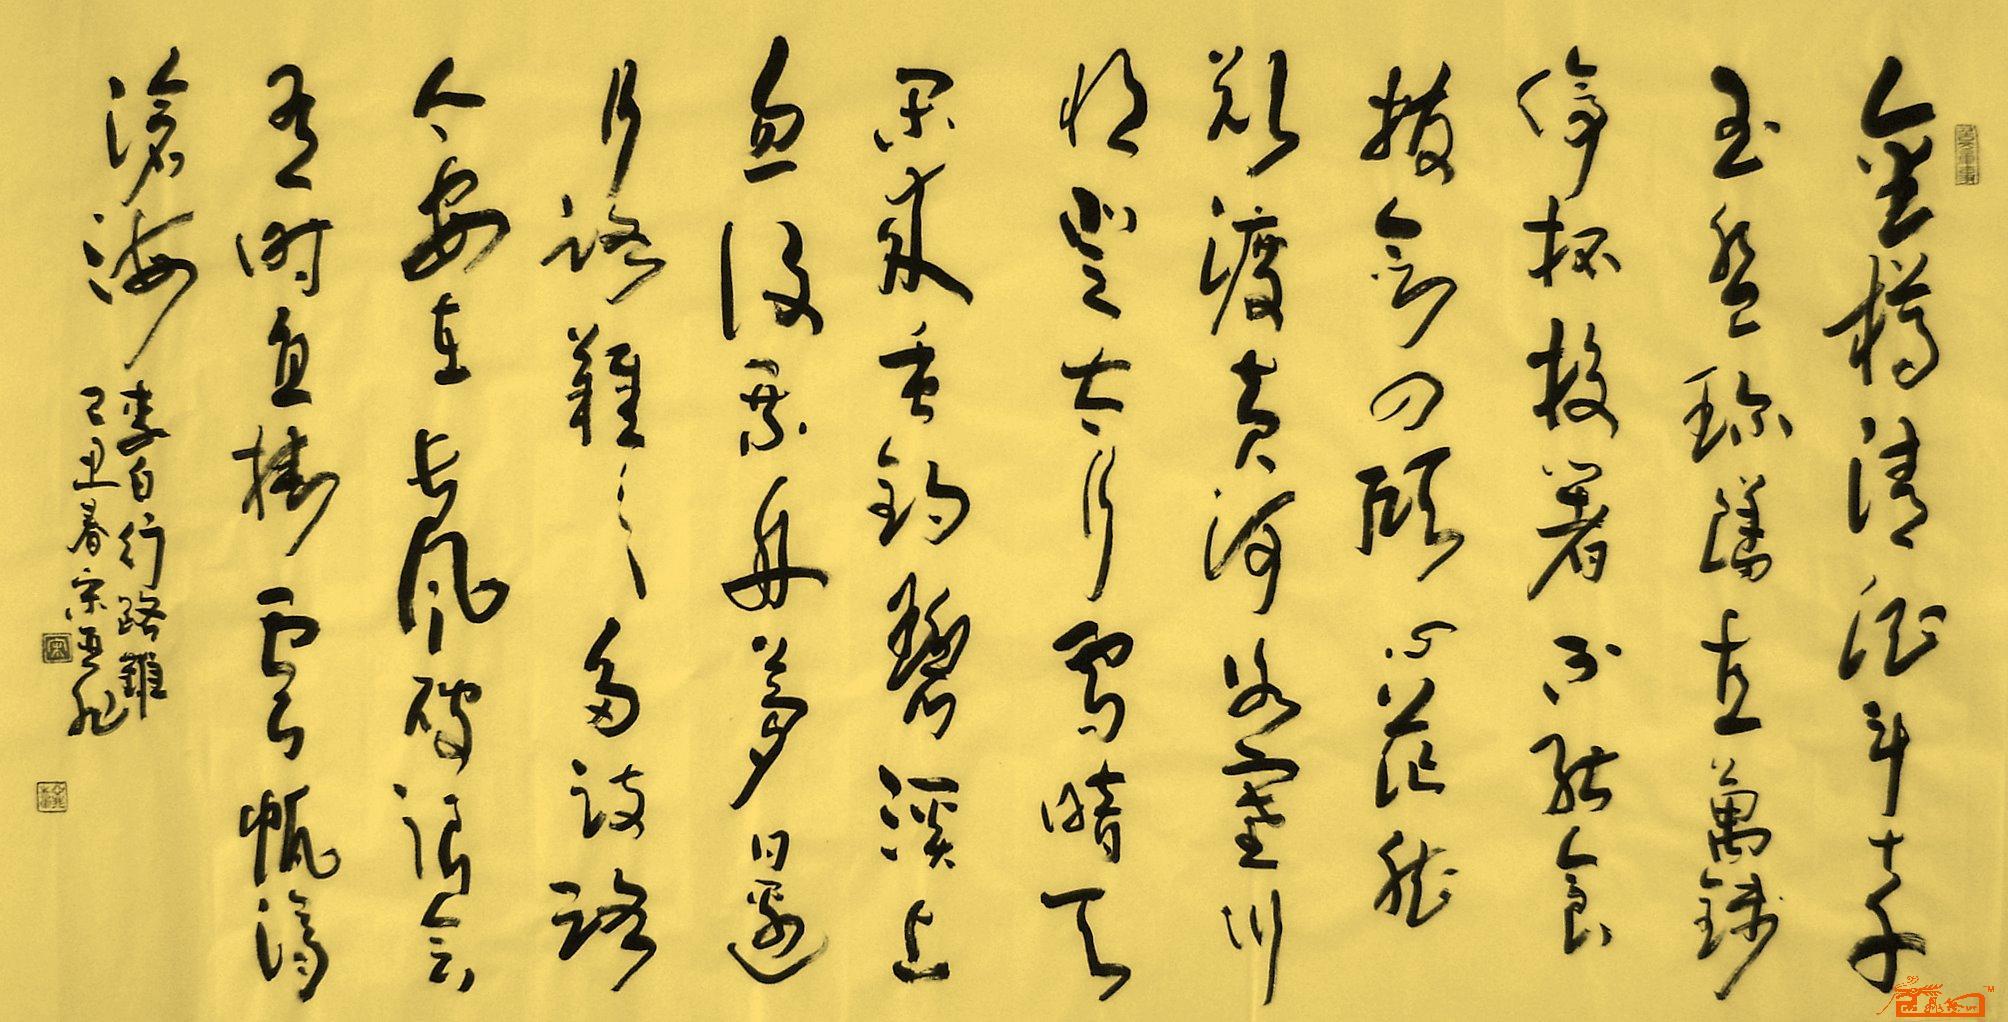 作品533-李白七律行路难-宋亚非-淘宝-名人字画